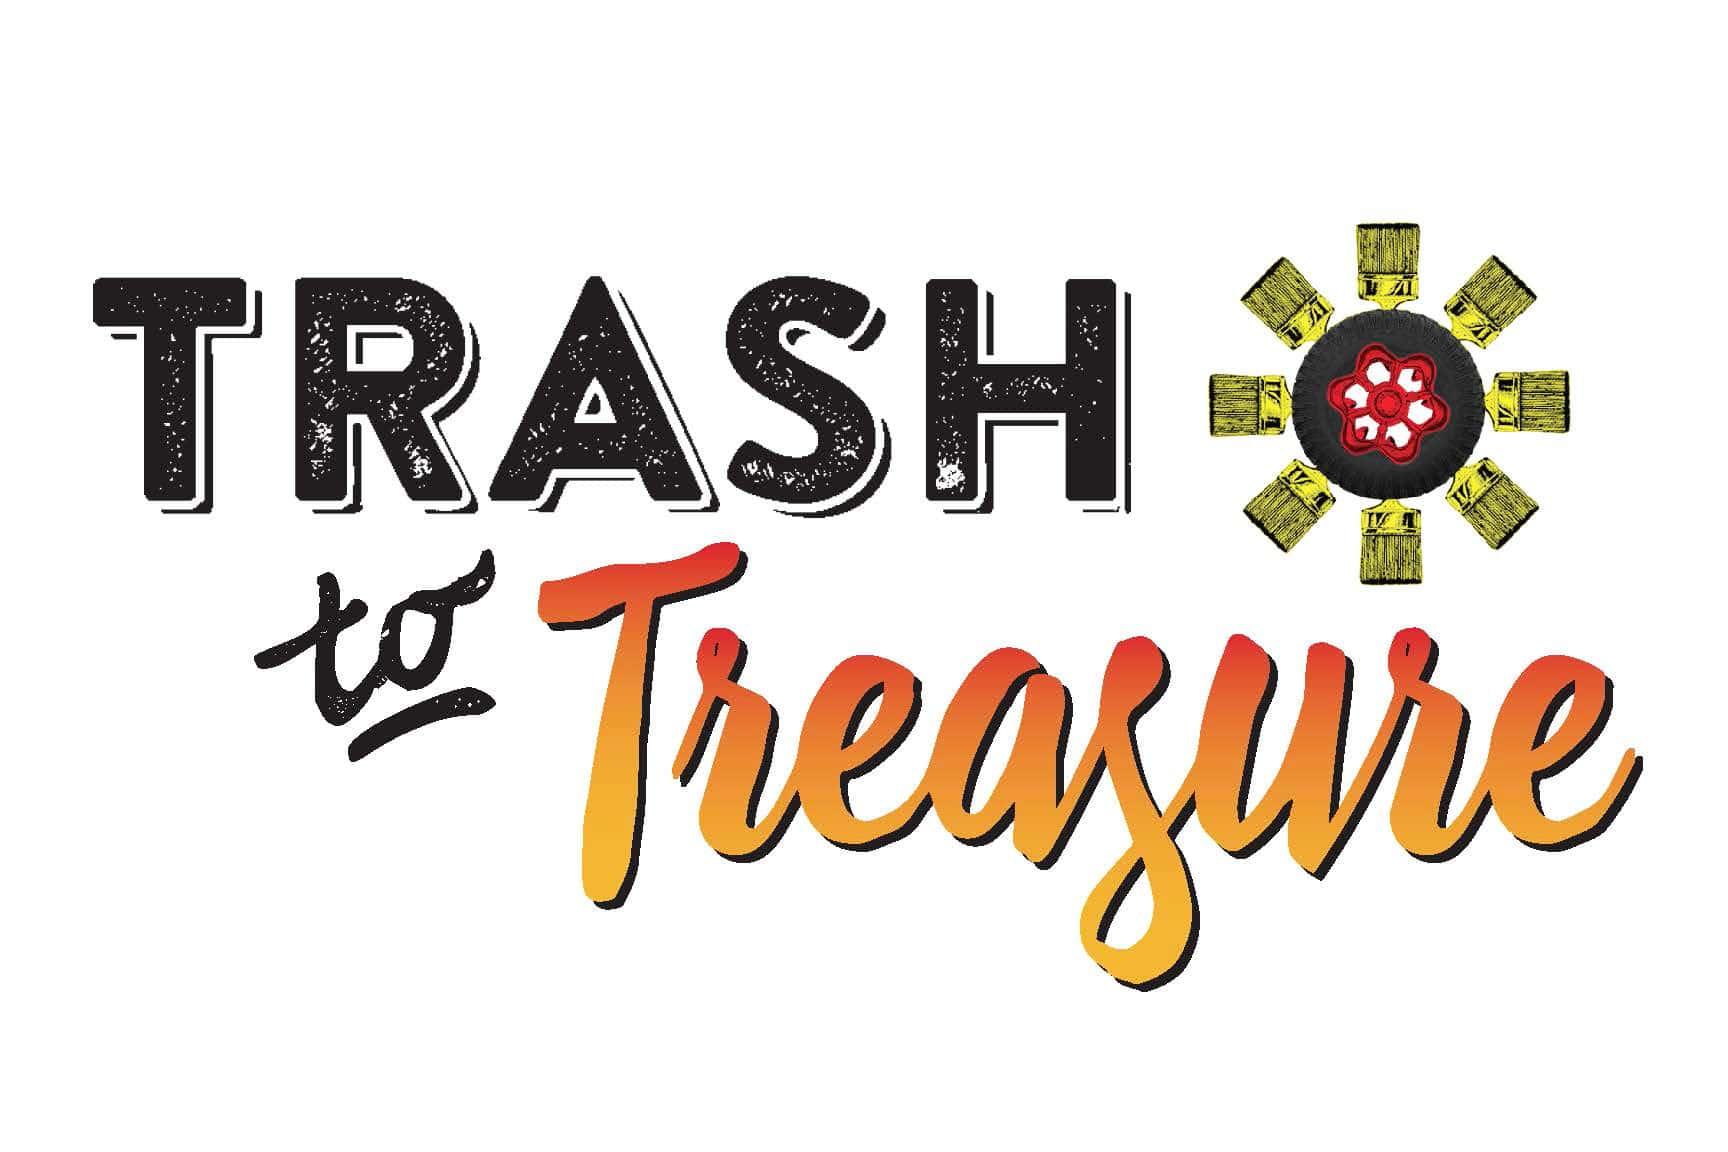 Treasure Junk Business